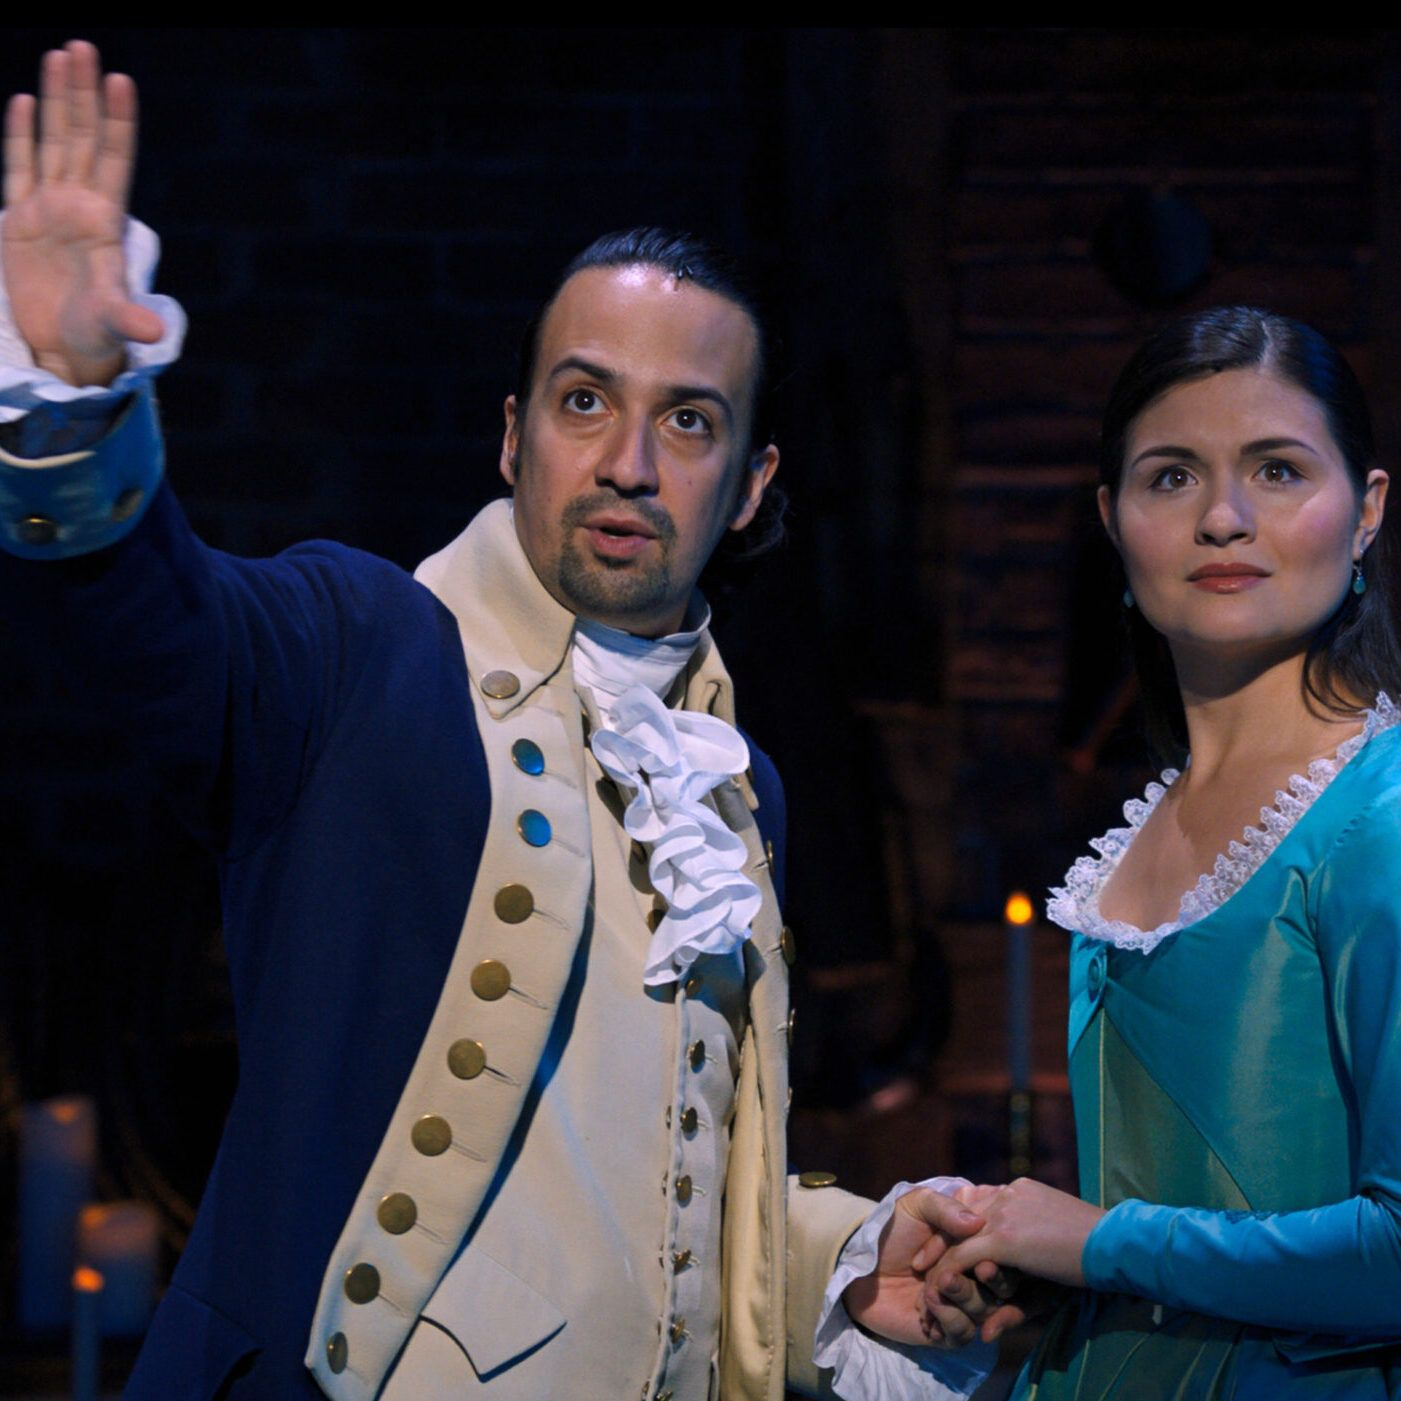 Is Hamilton Safe For Kids? Disney Plus Hamilton Parent